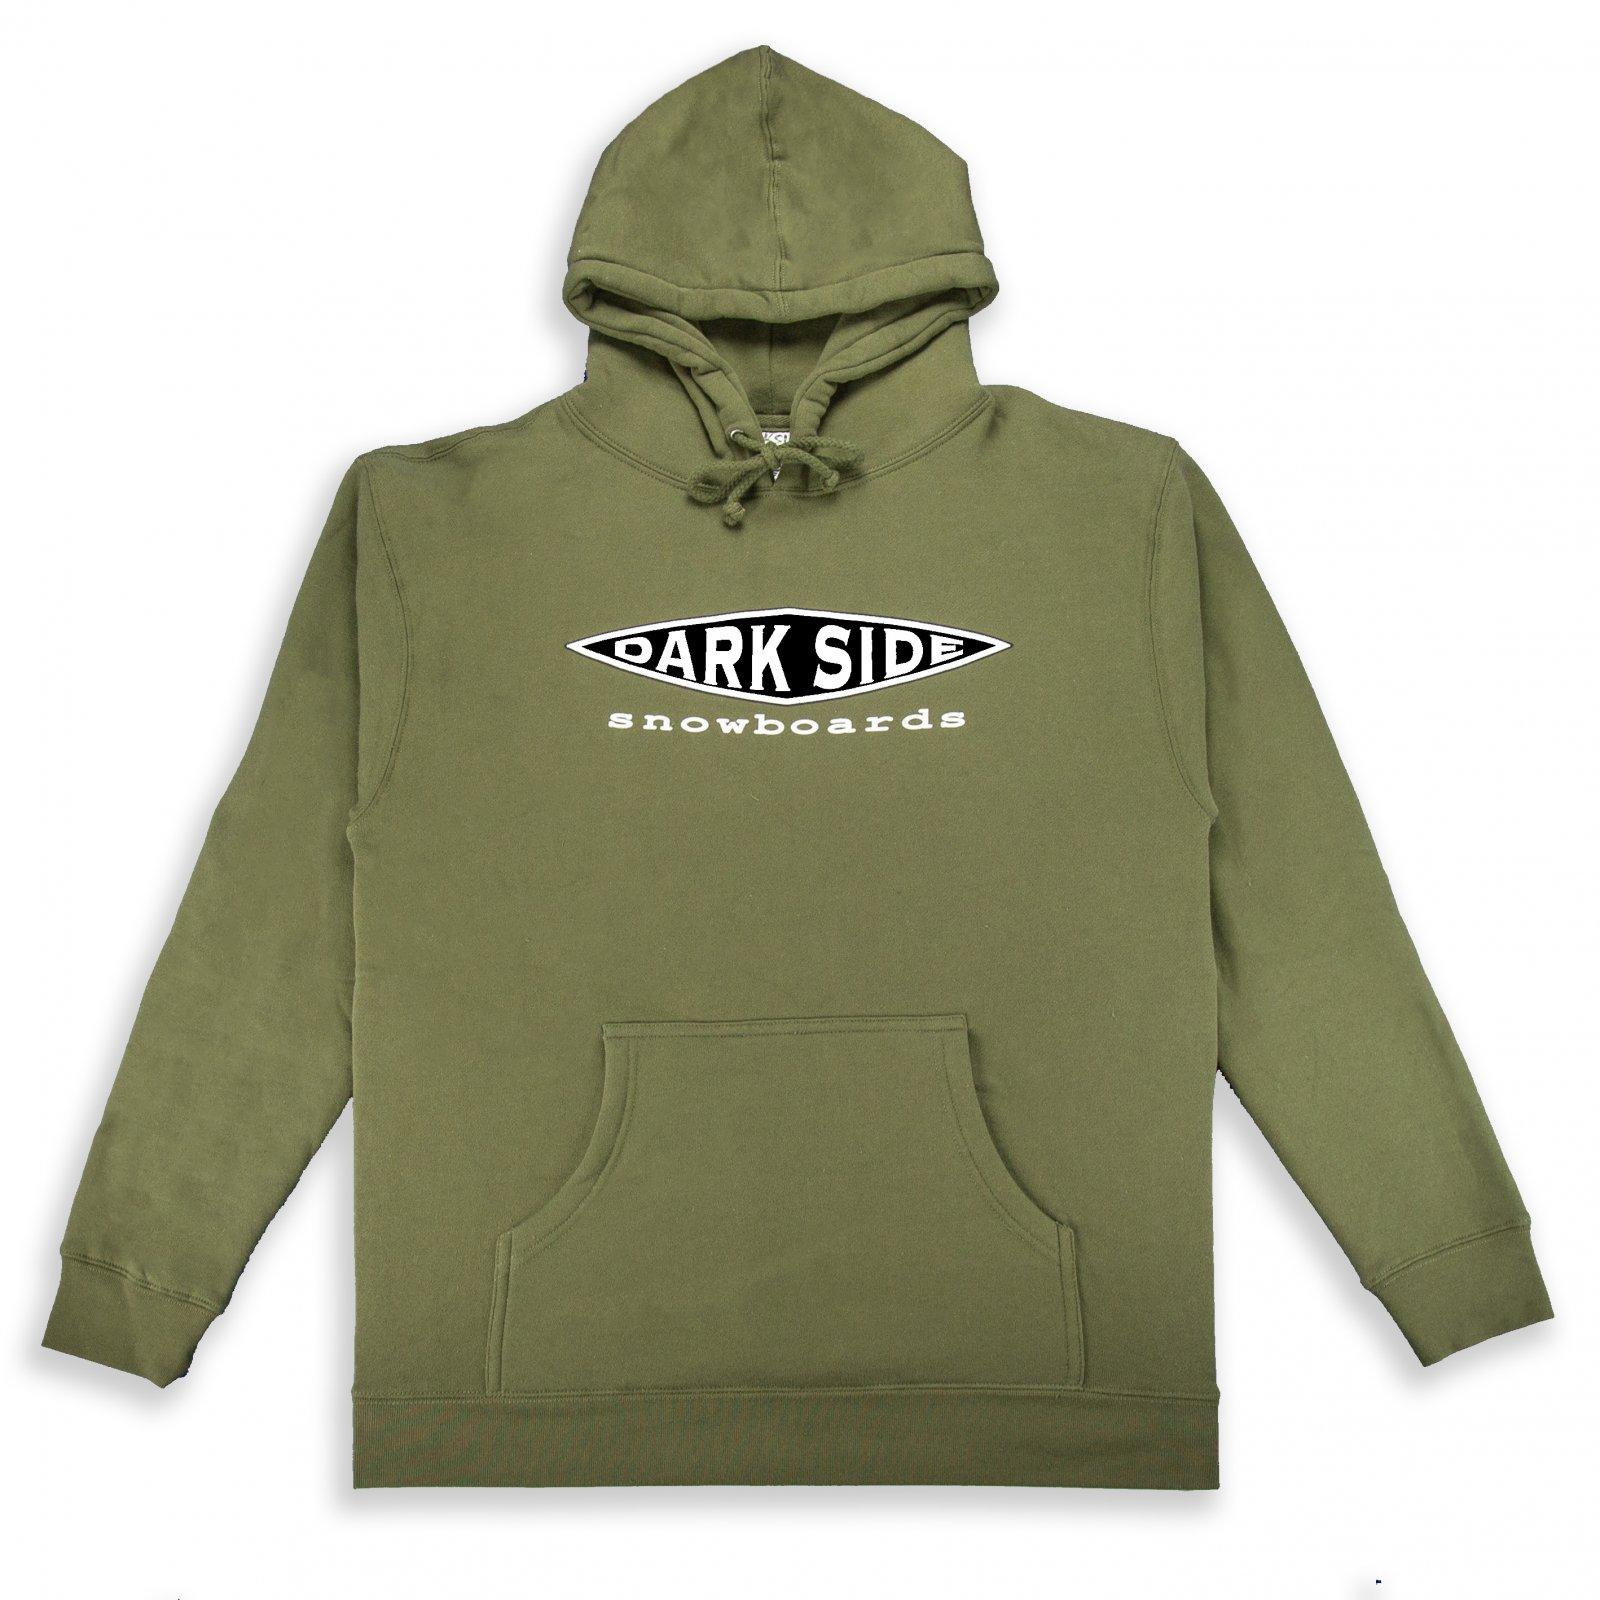 Darkside Panel Van Hoodie Army Green